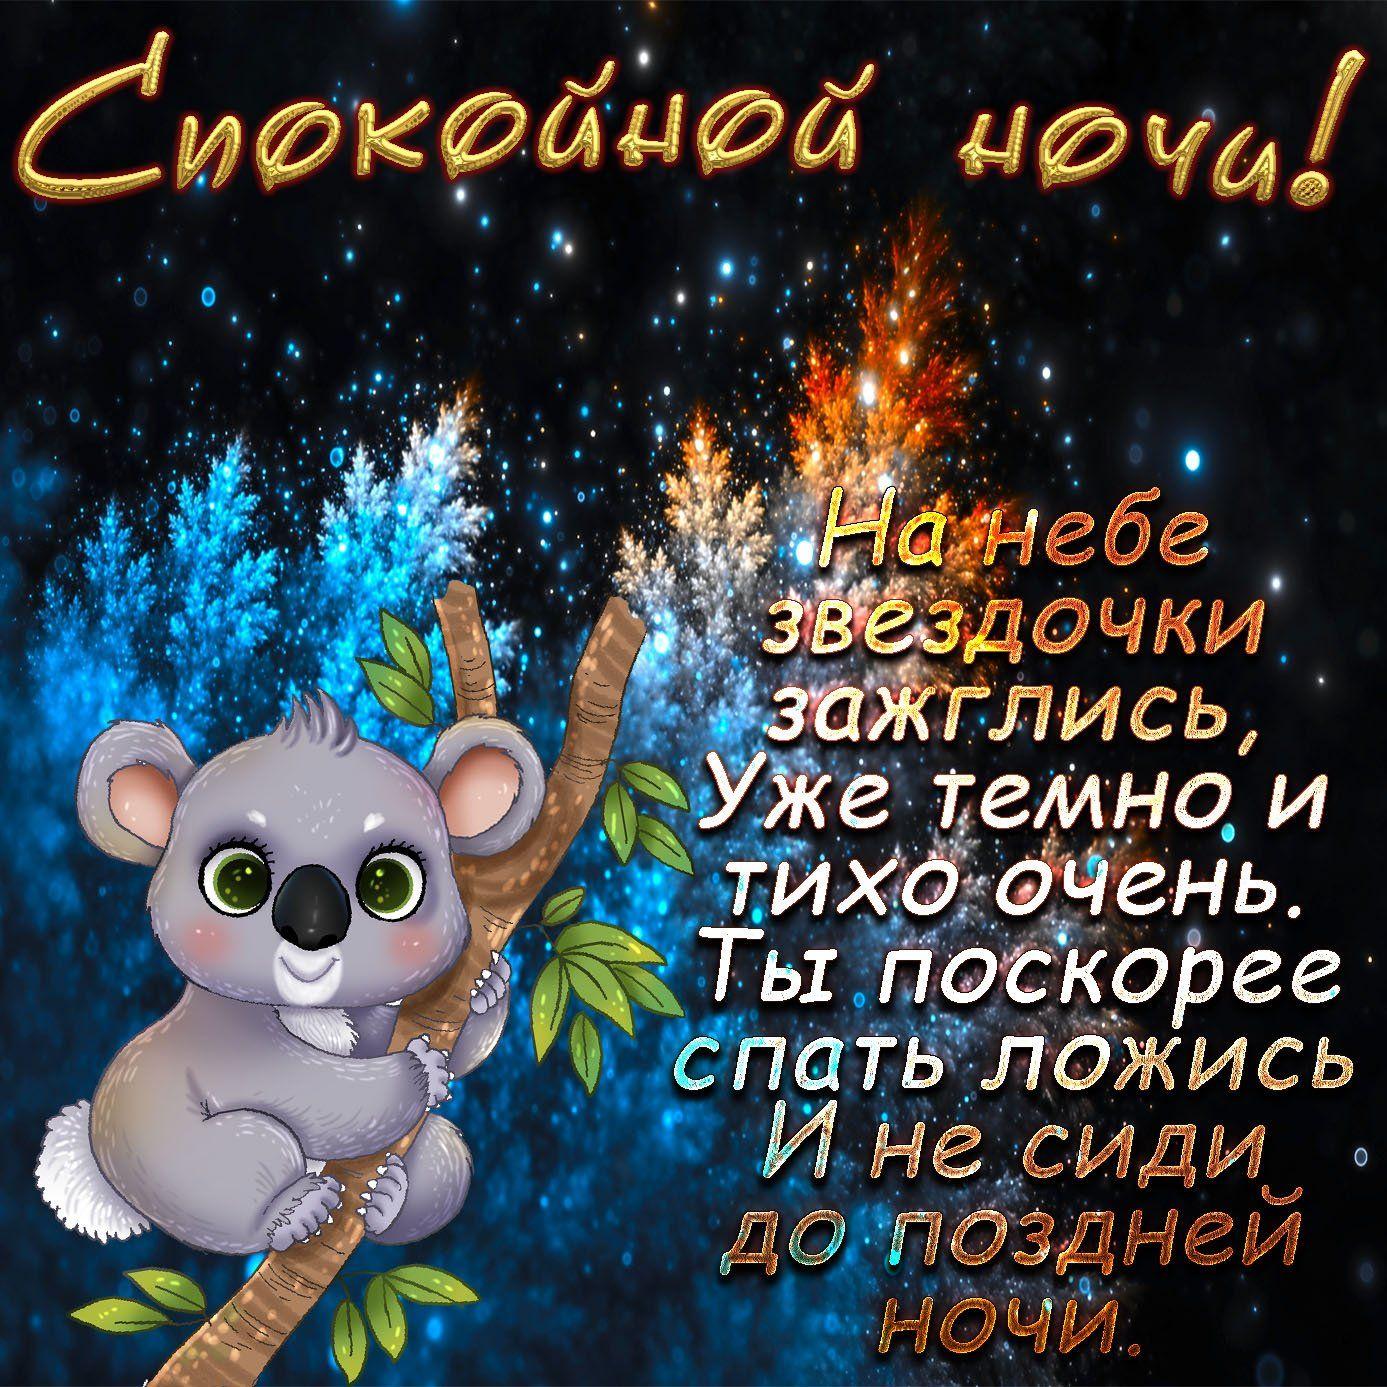 Картинки картинки с пожеланием спокойной ночи, иероглифы переводом русский